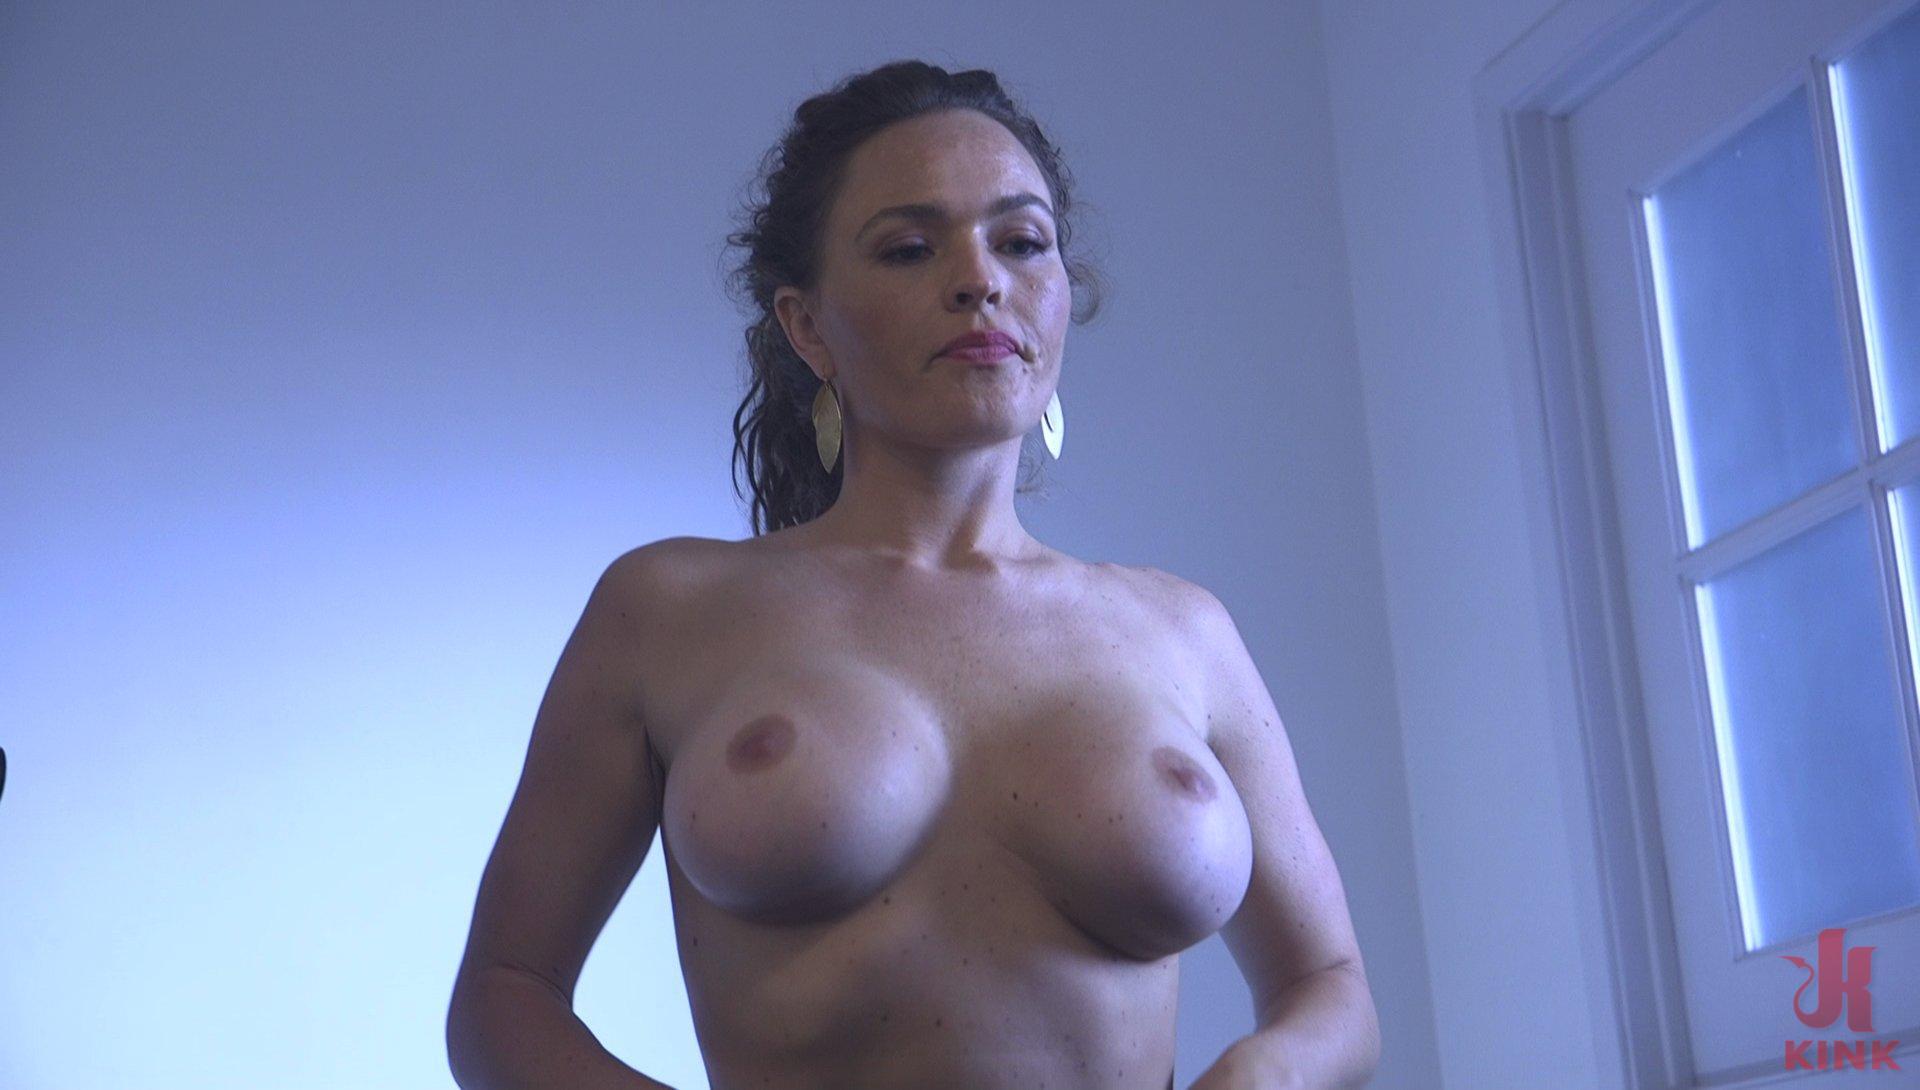 Sorella handjobs porno